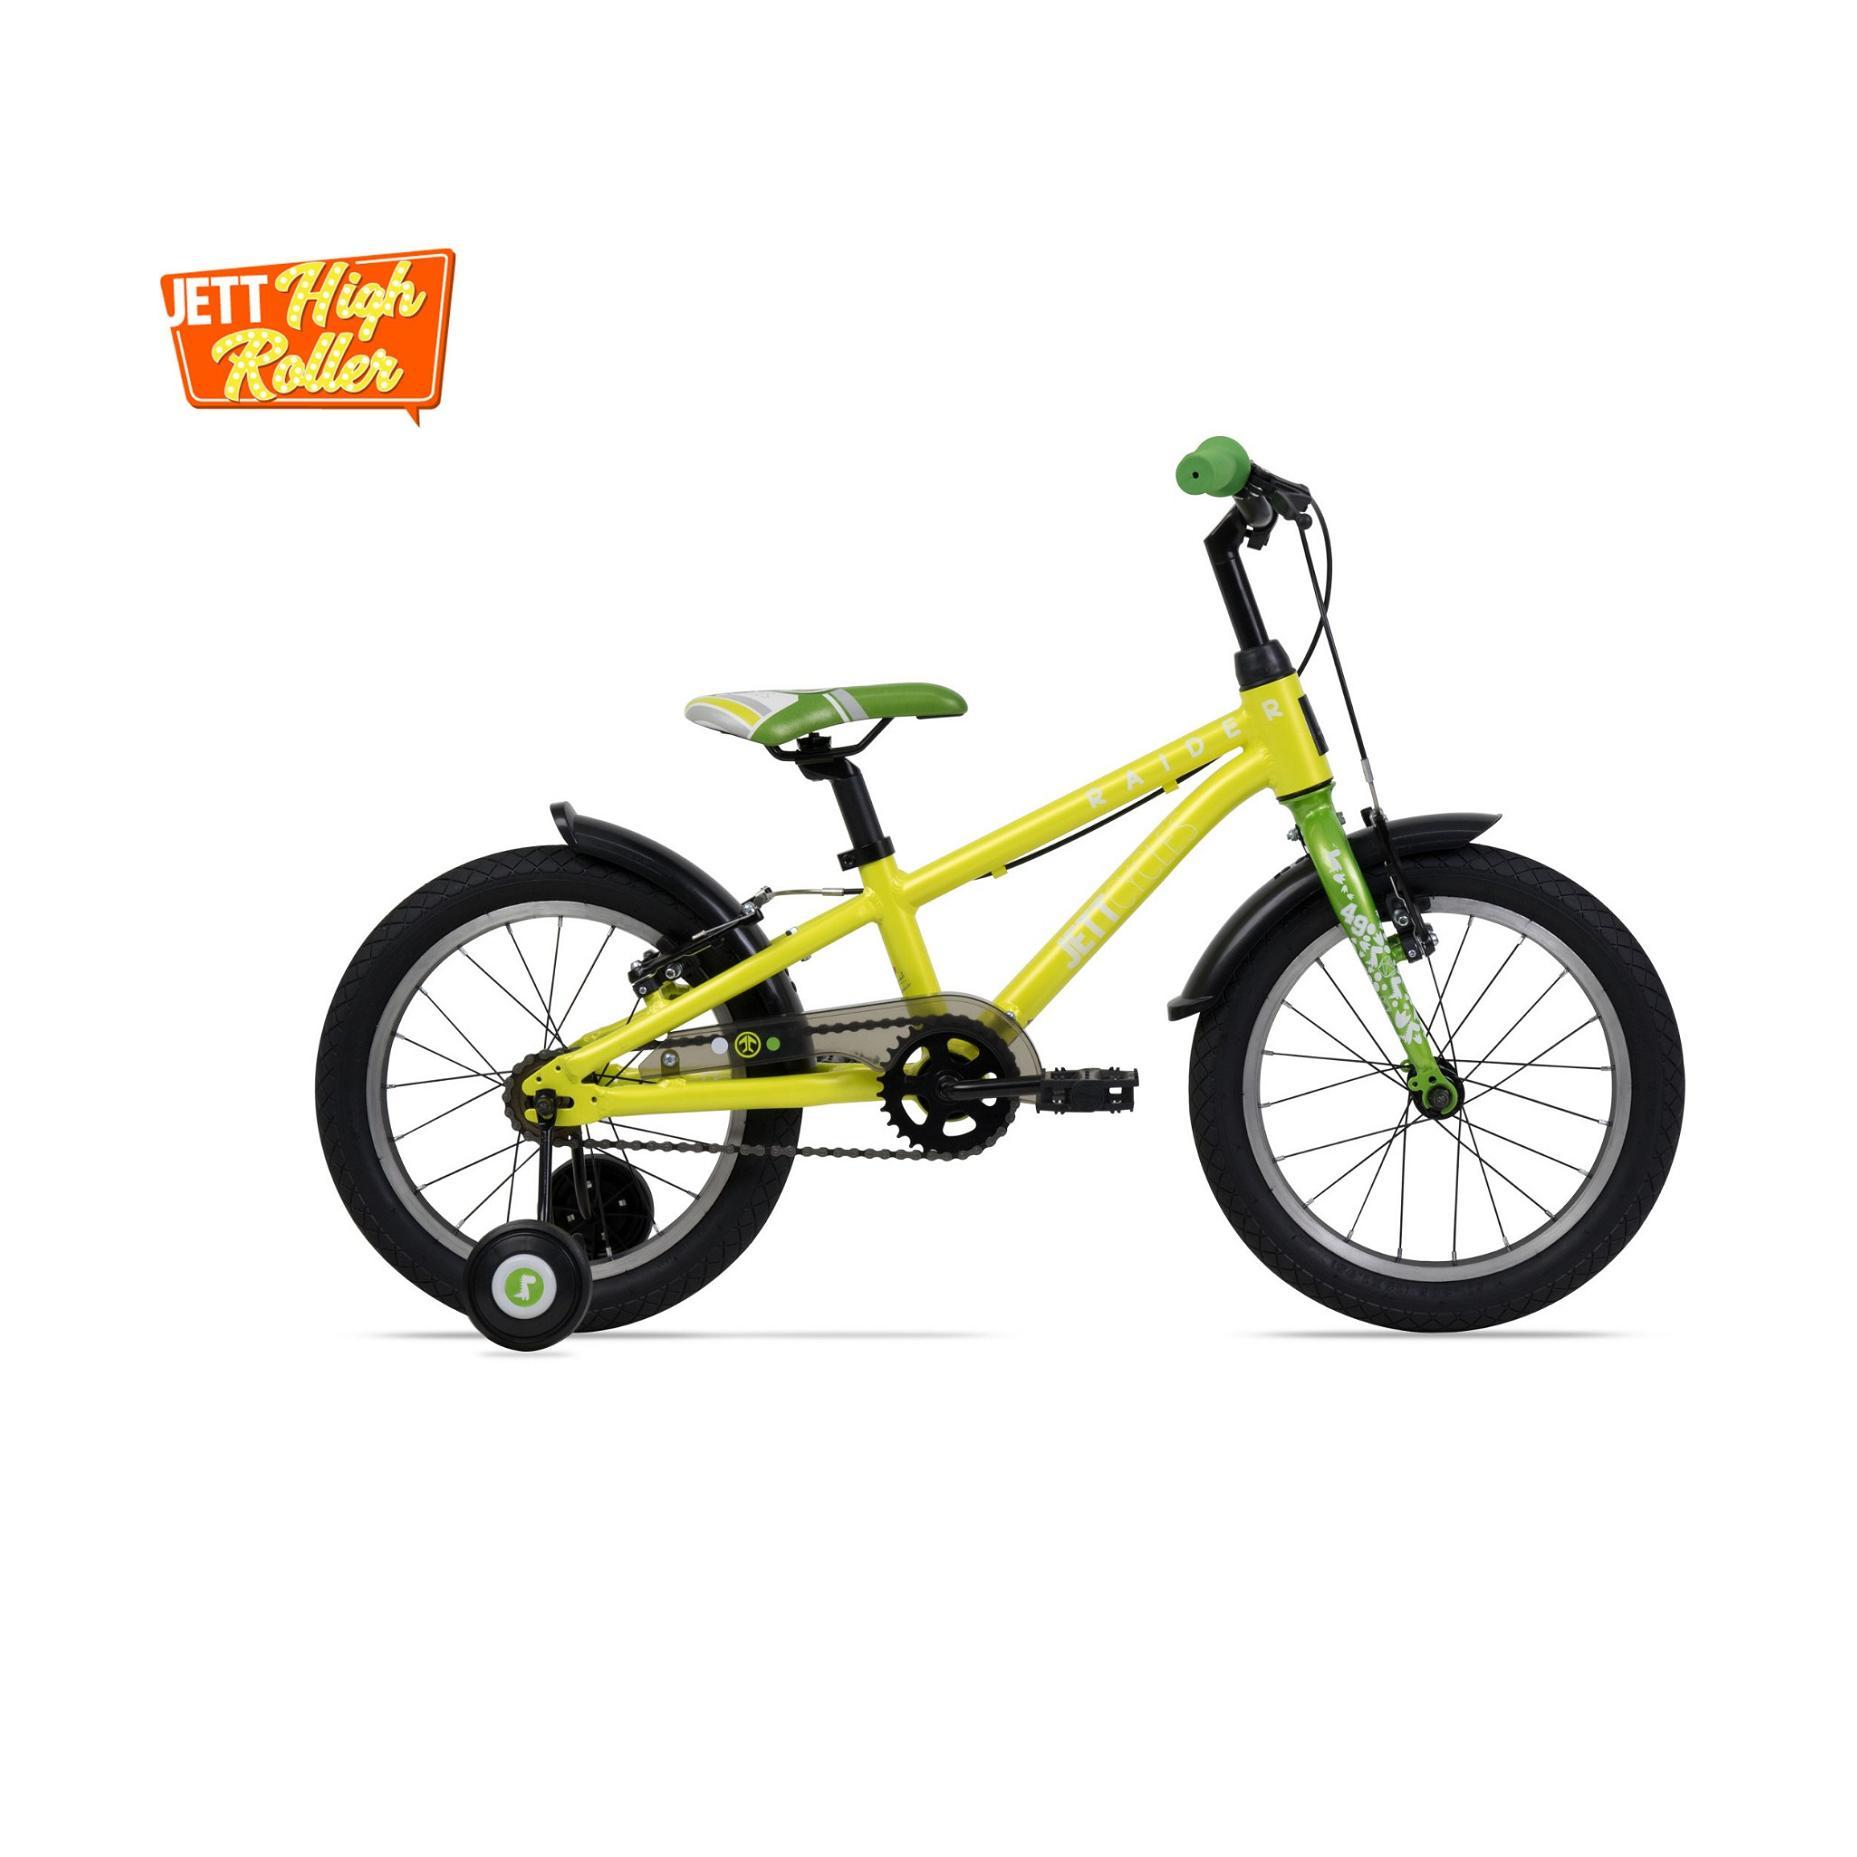 Xe đạp trẻ em Jett Cycles Raider (Vàng Neon)